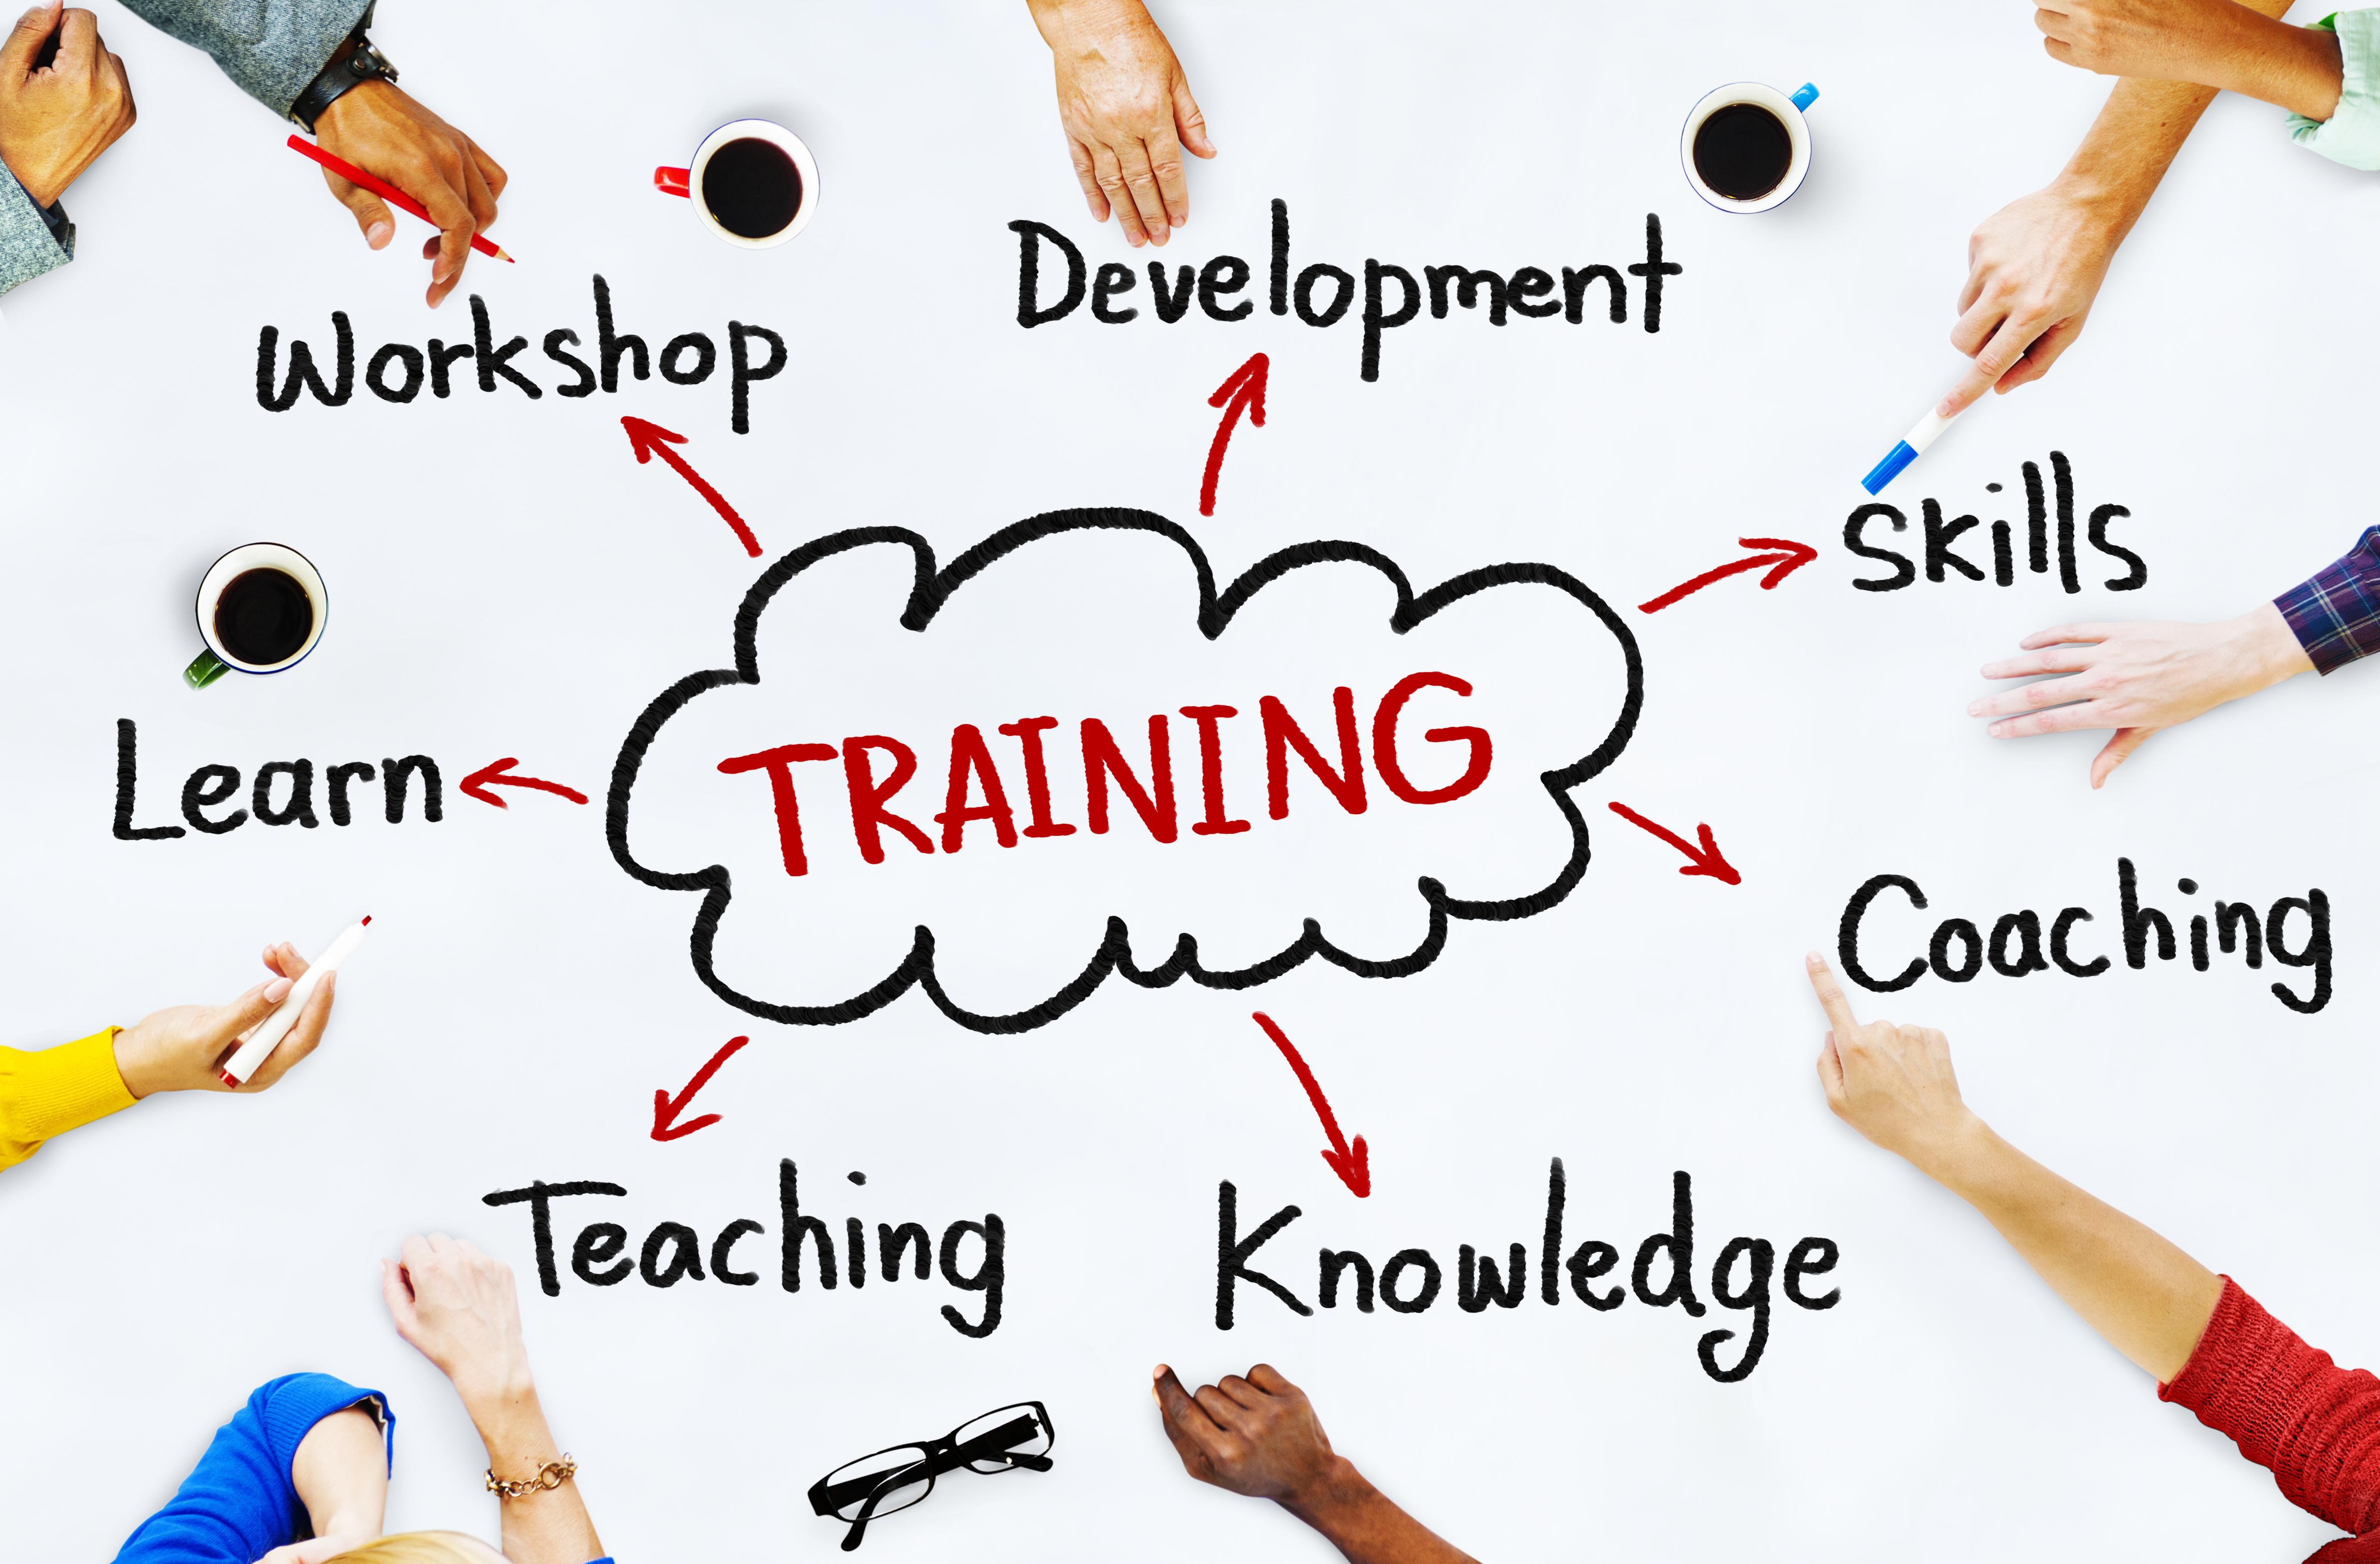 Nuova opportunità – Training Course in Turchia sull'inclusione sociale di giovani svantaggiati!